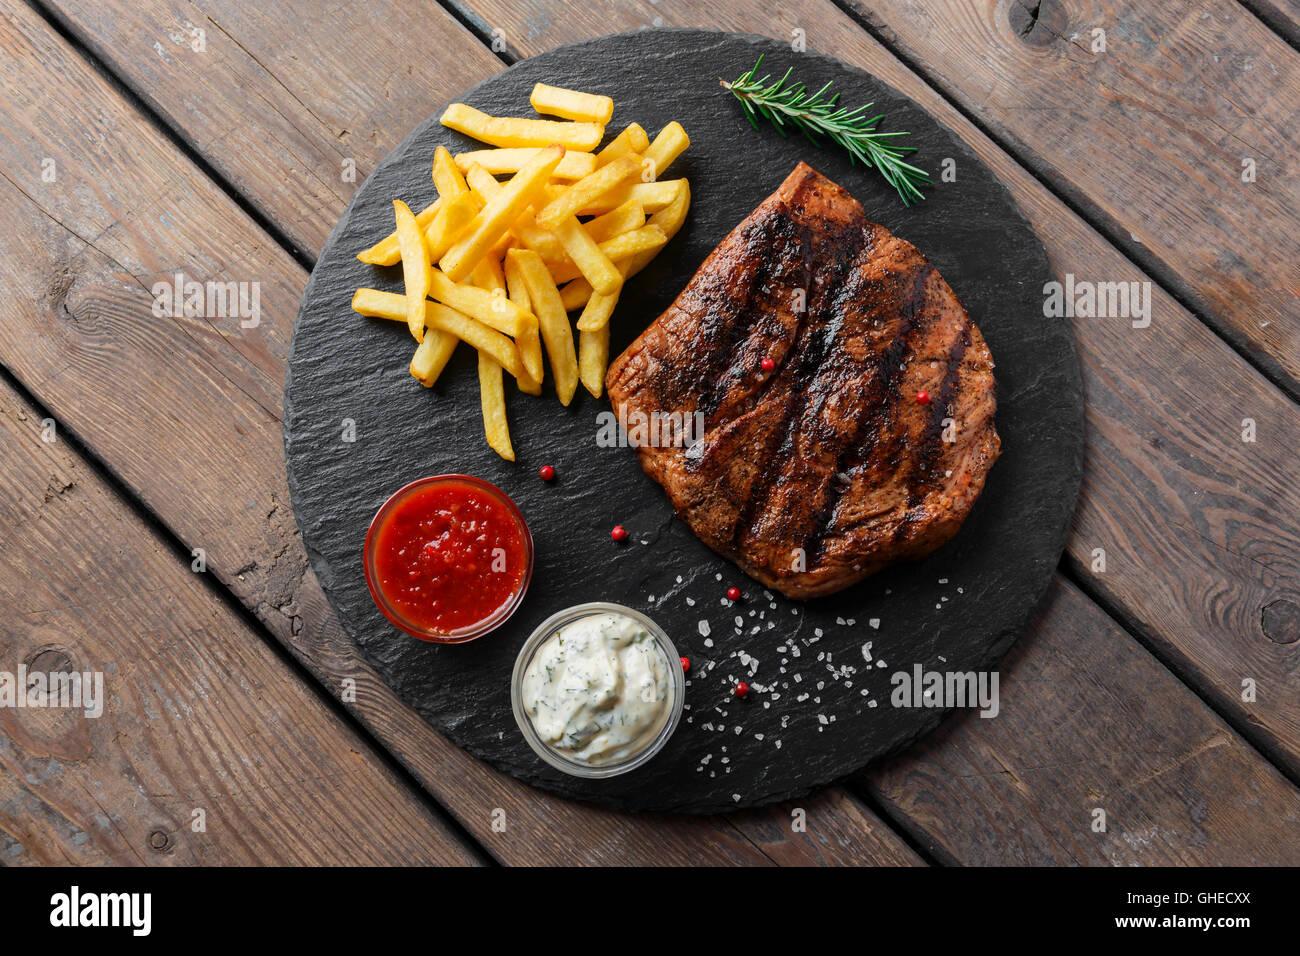 Bistecca di manzo con patatine e salsa Immagini Stock